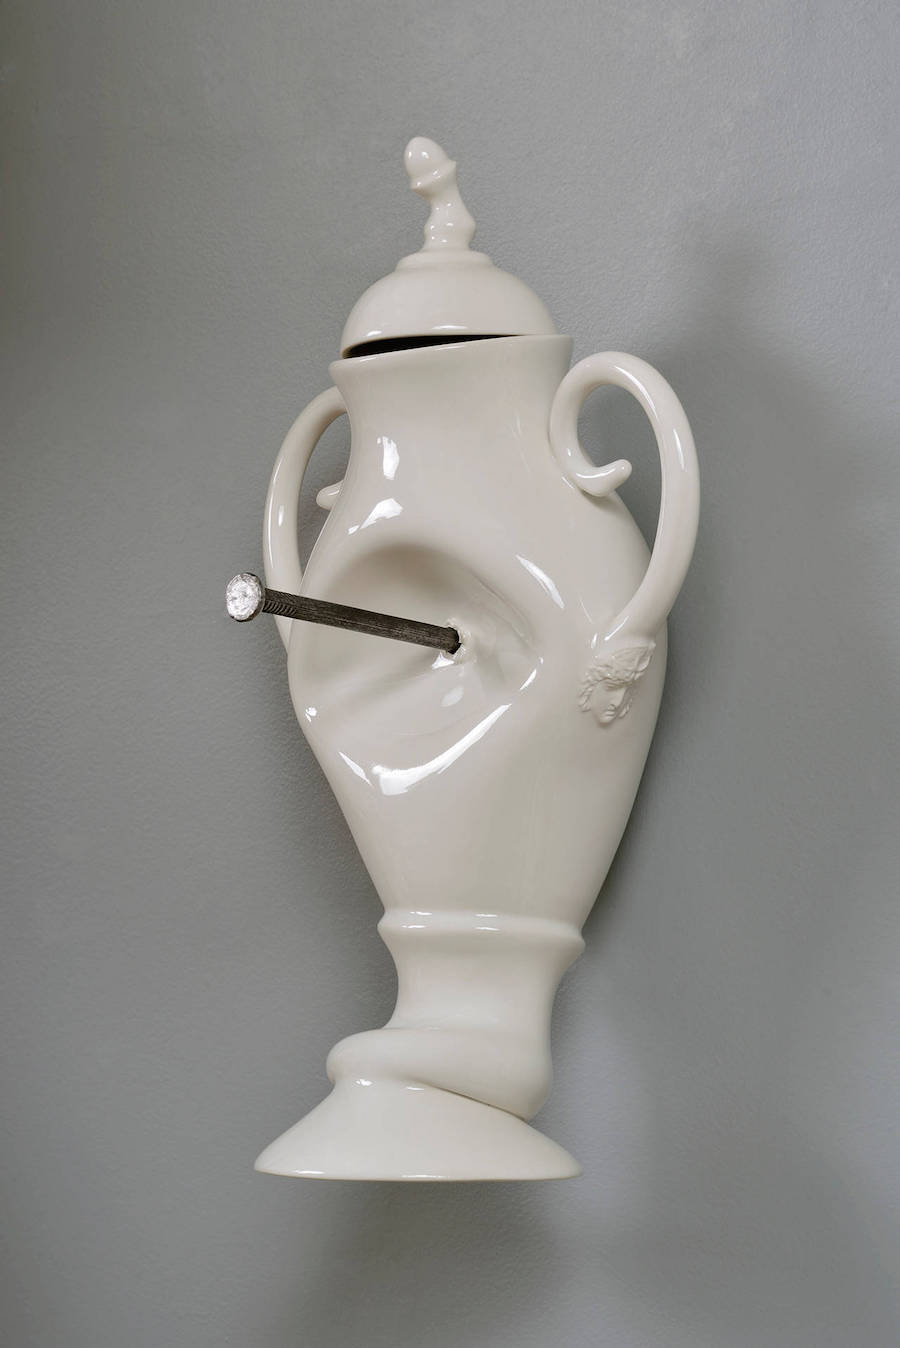 Комические несчастья: деформированные скульптуры из фарфора от Лорана Краста